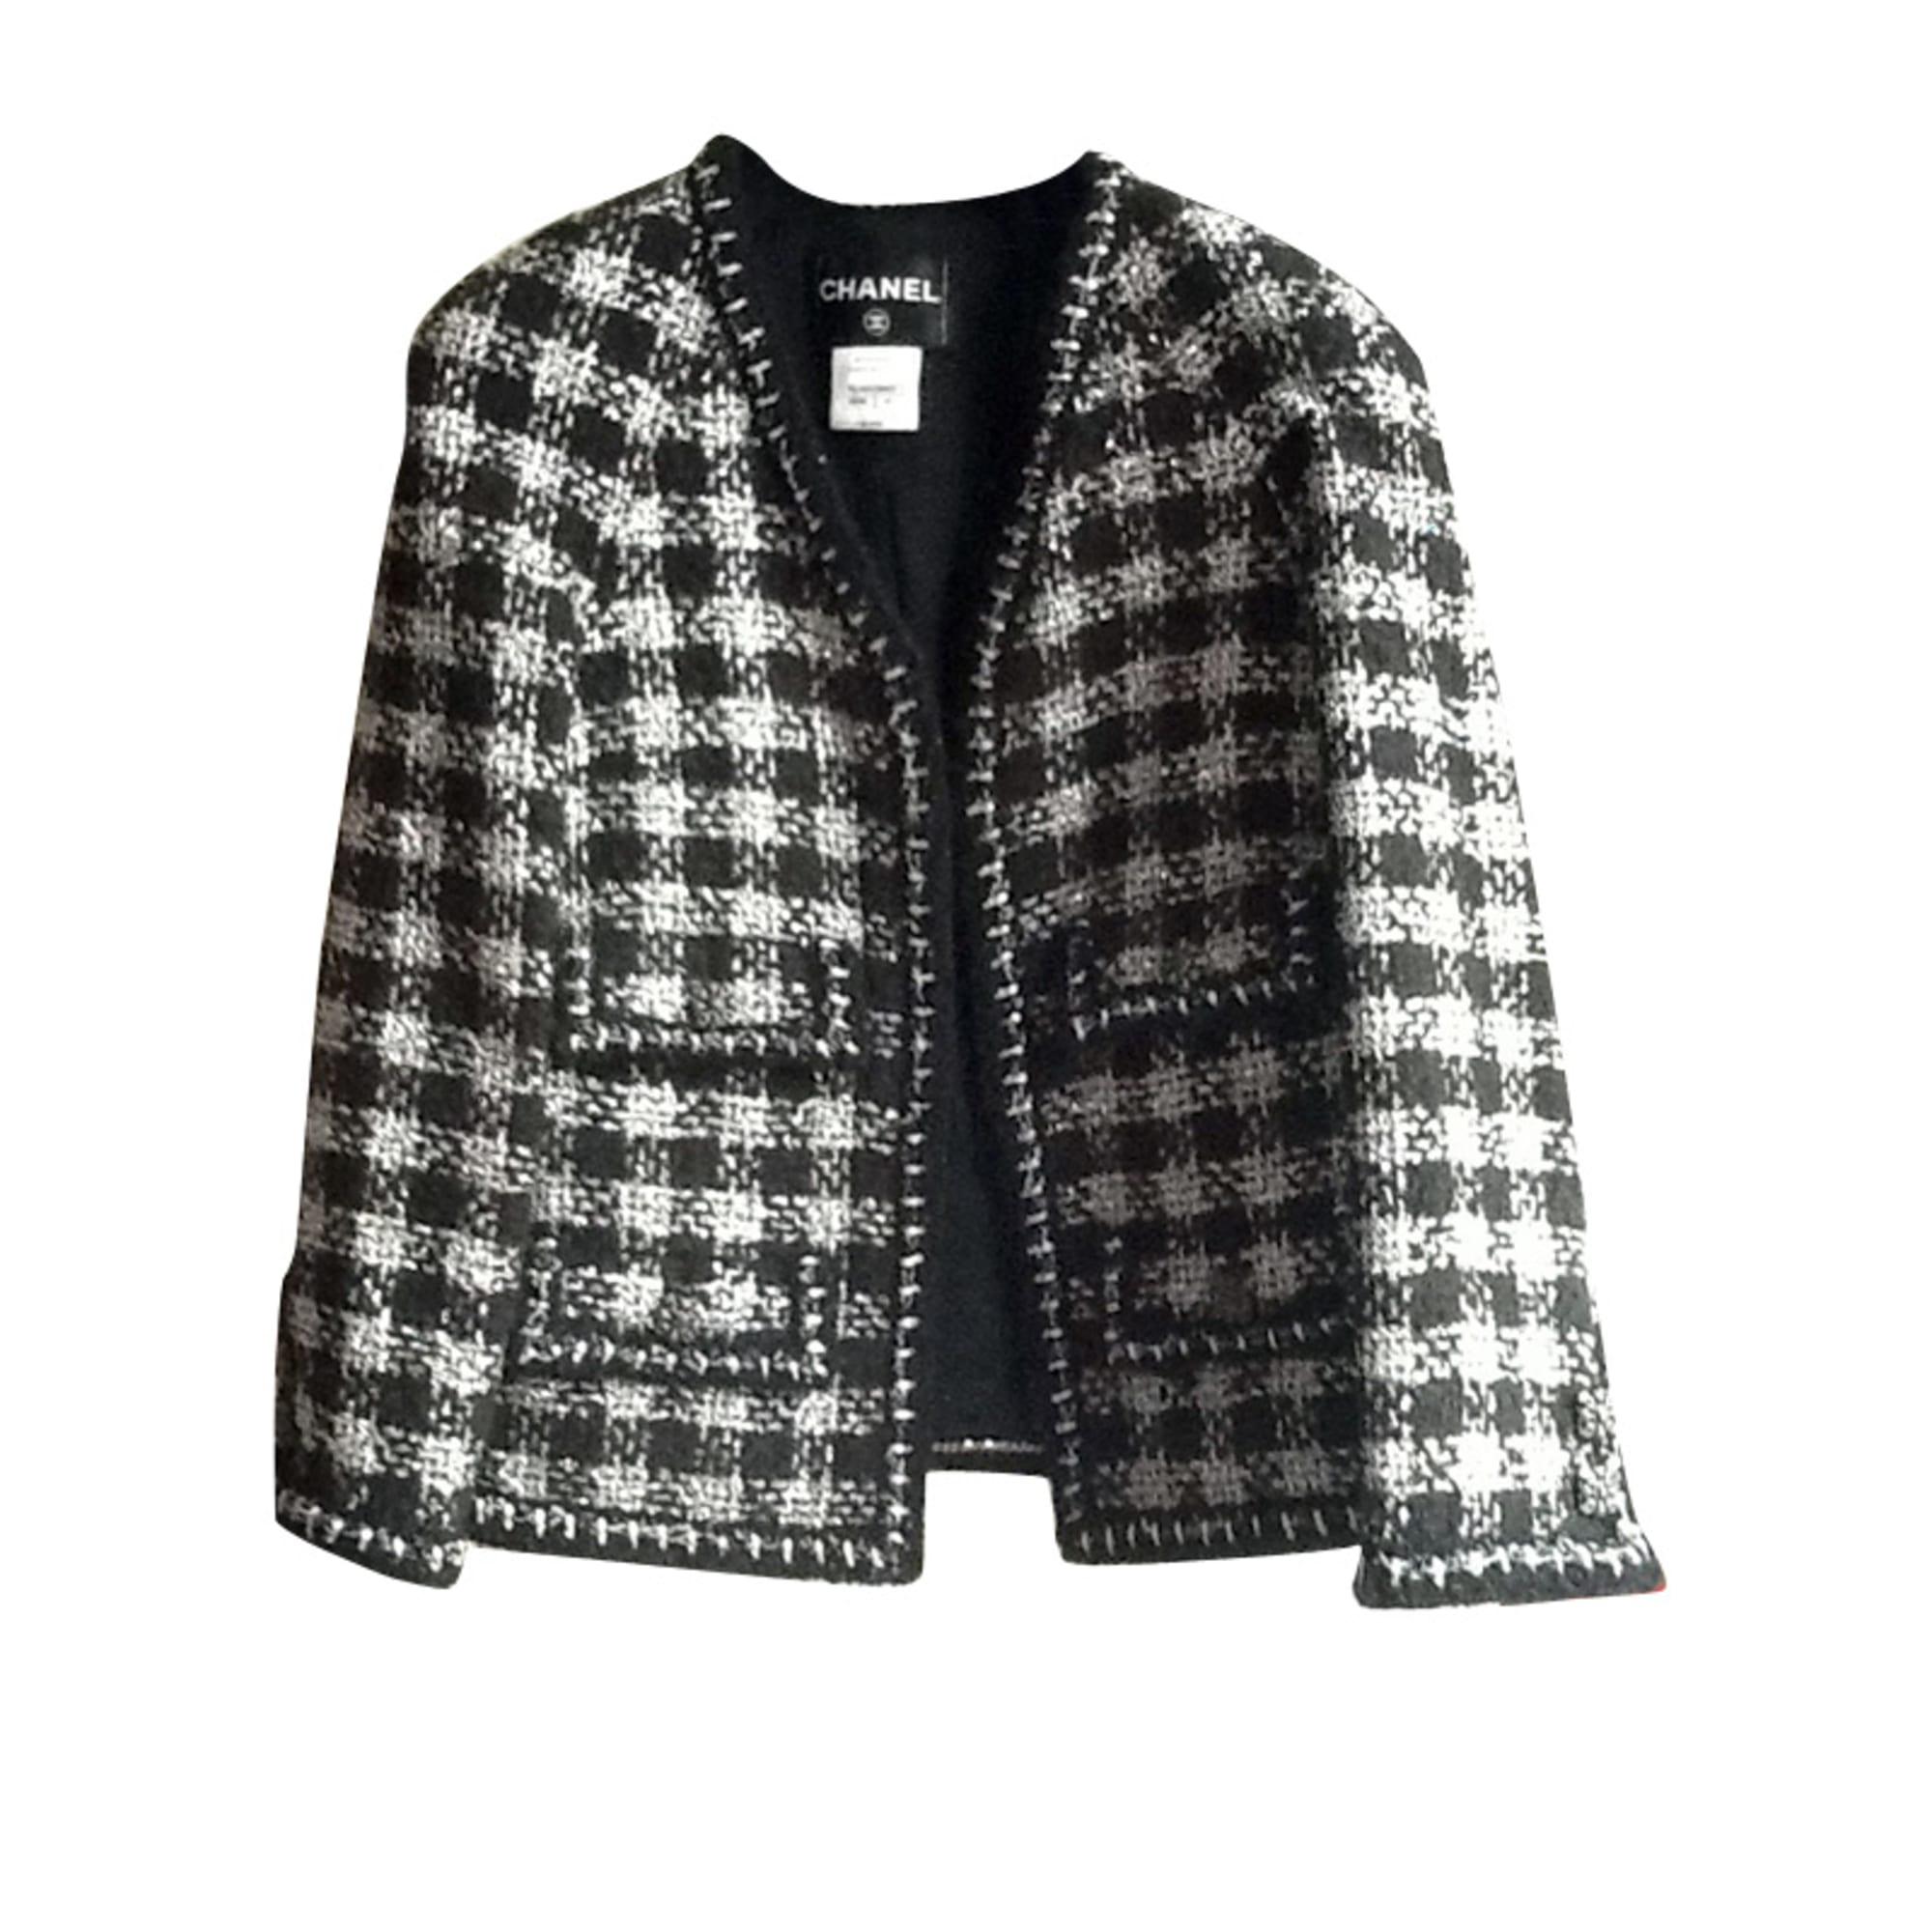 f2ede59f84ad Blazer, veste tailleur CHANEL 42 (L XL, T4) noir vendu par ...